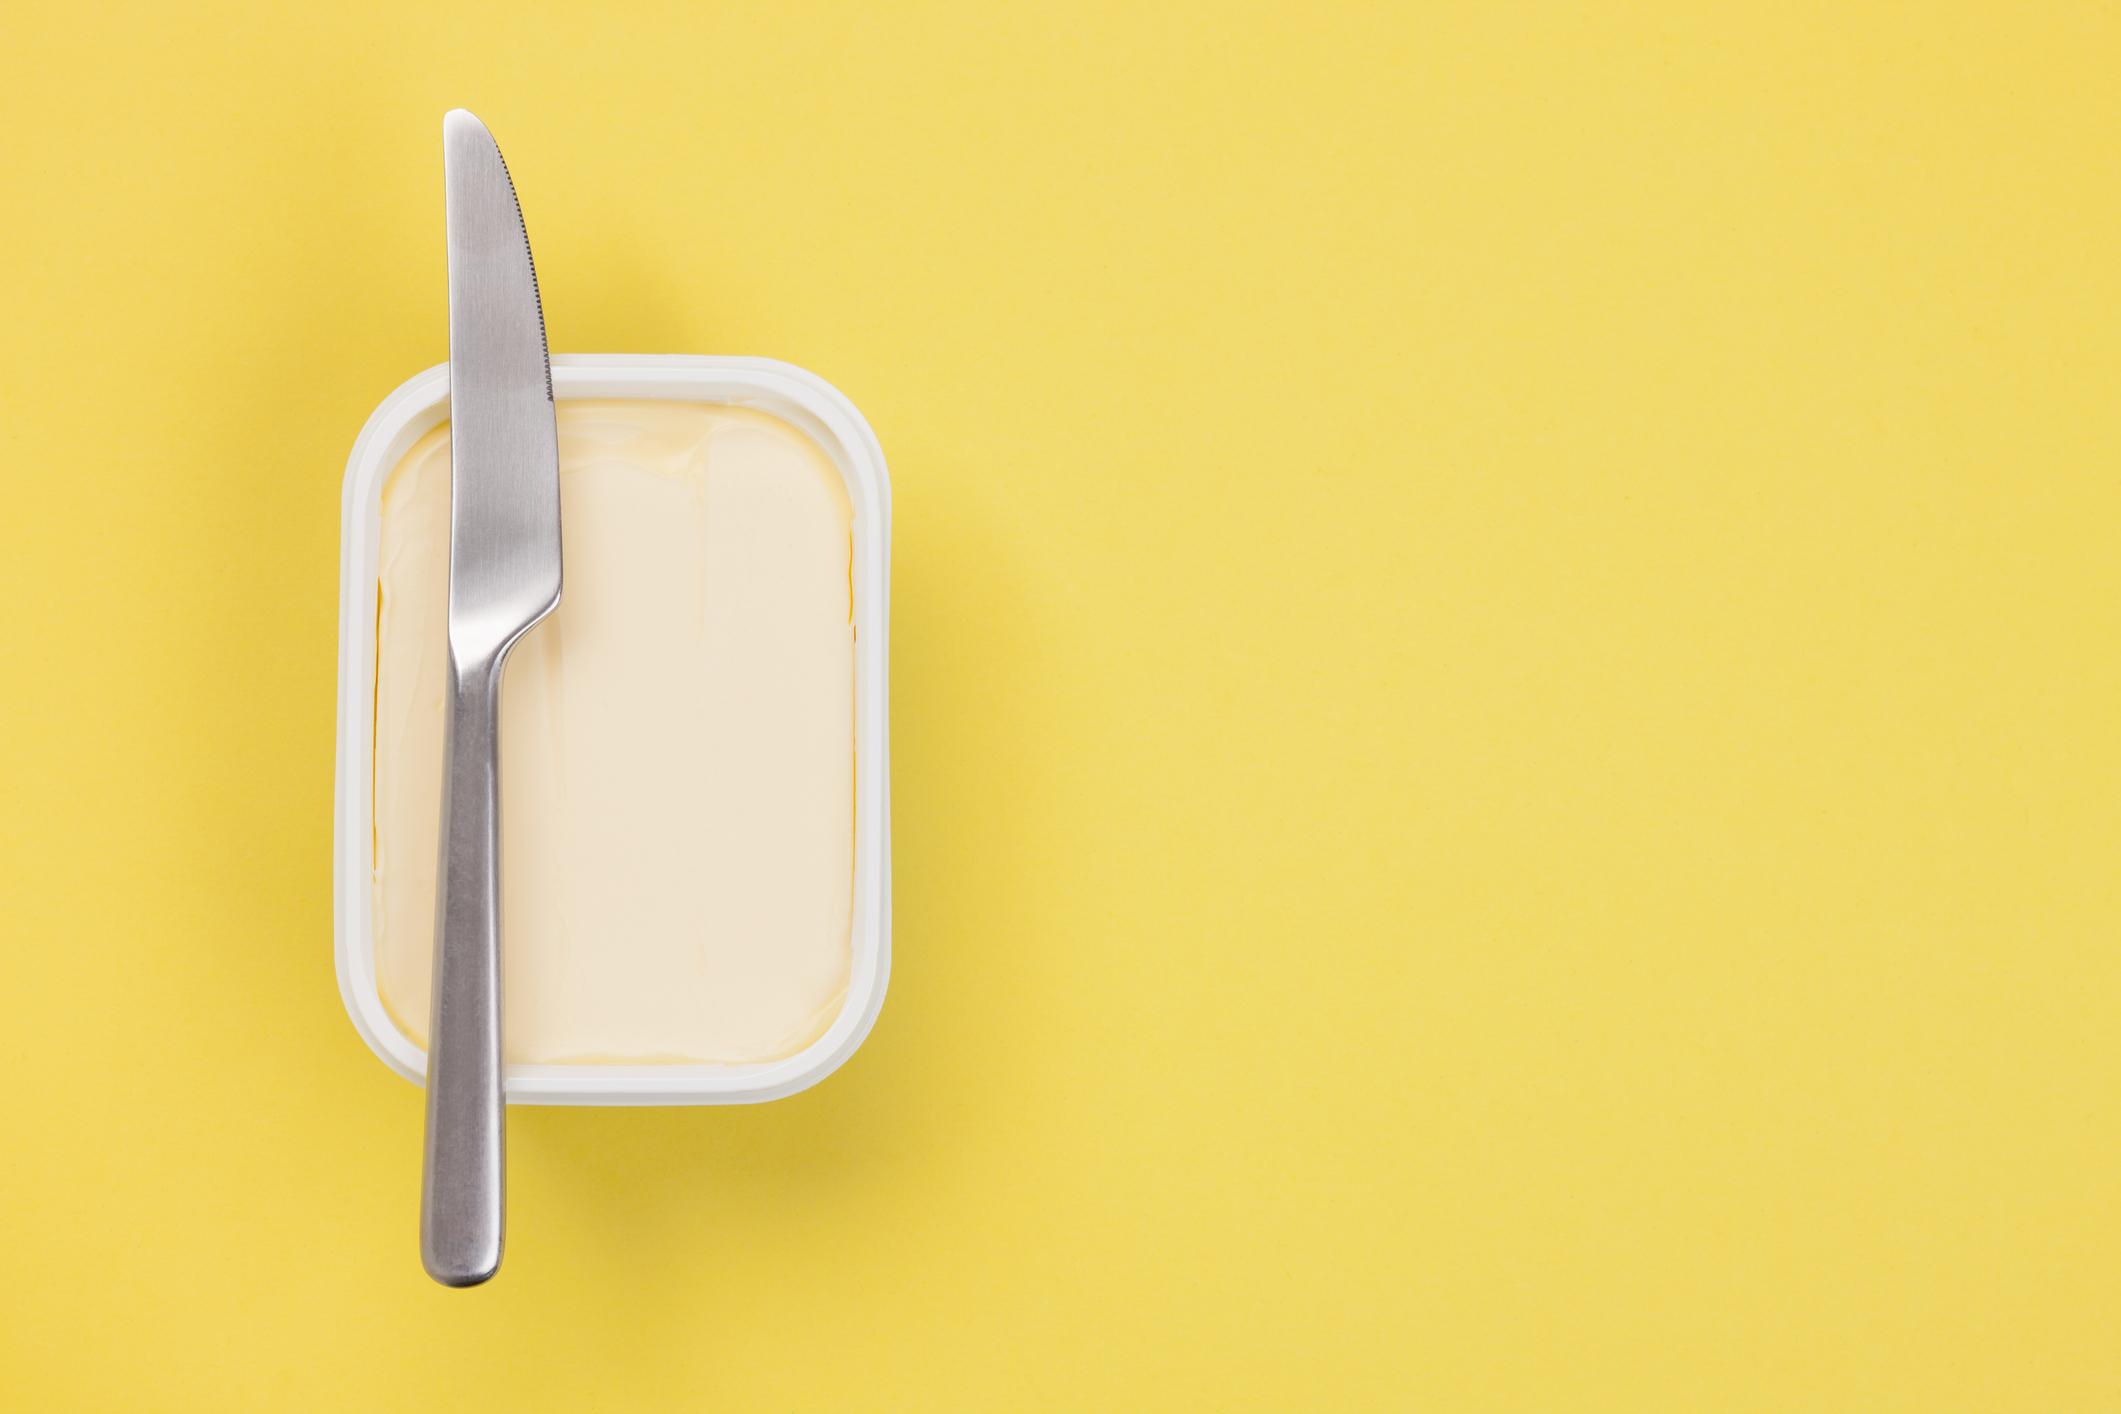 vaj-margarin-insta-elo